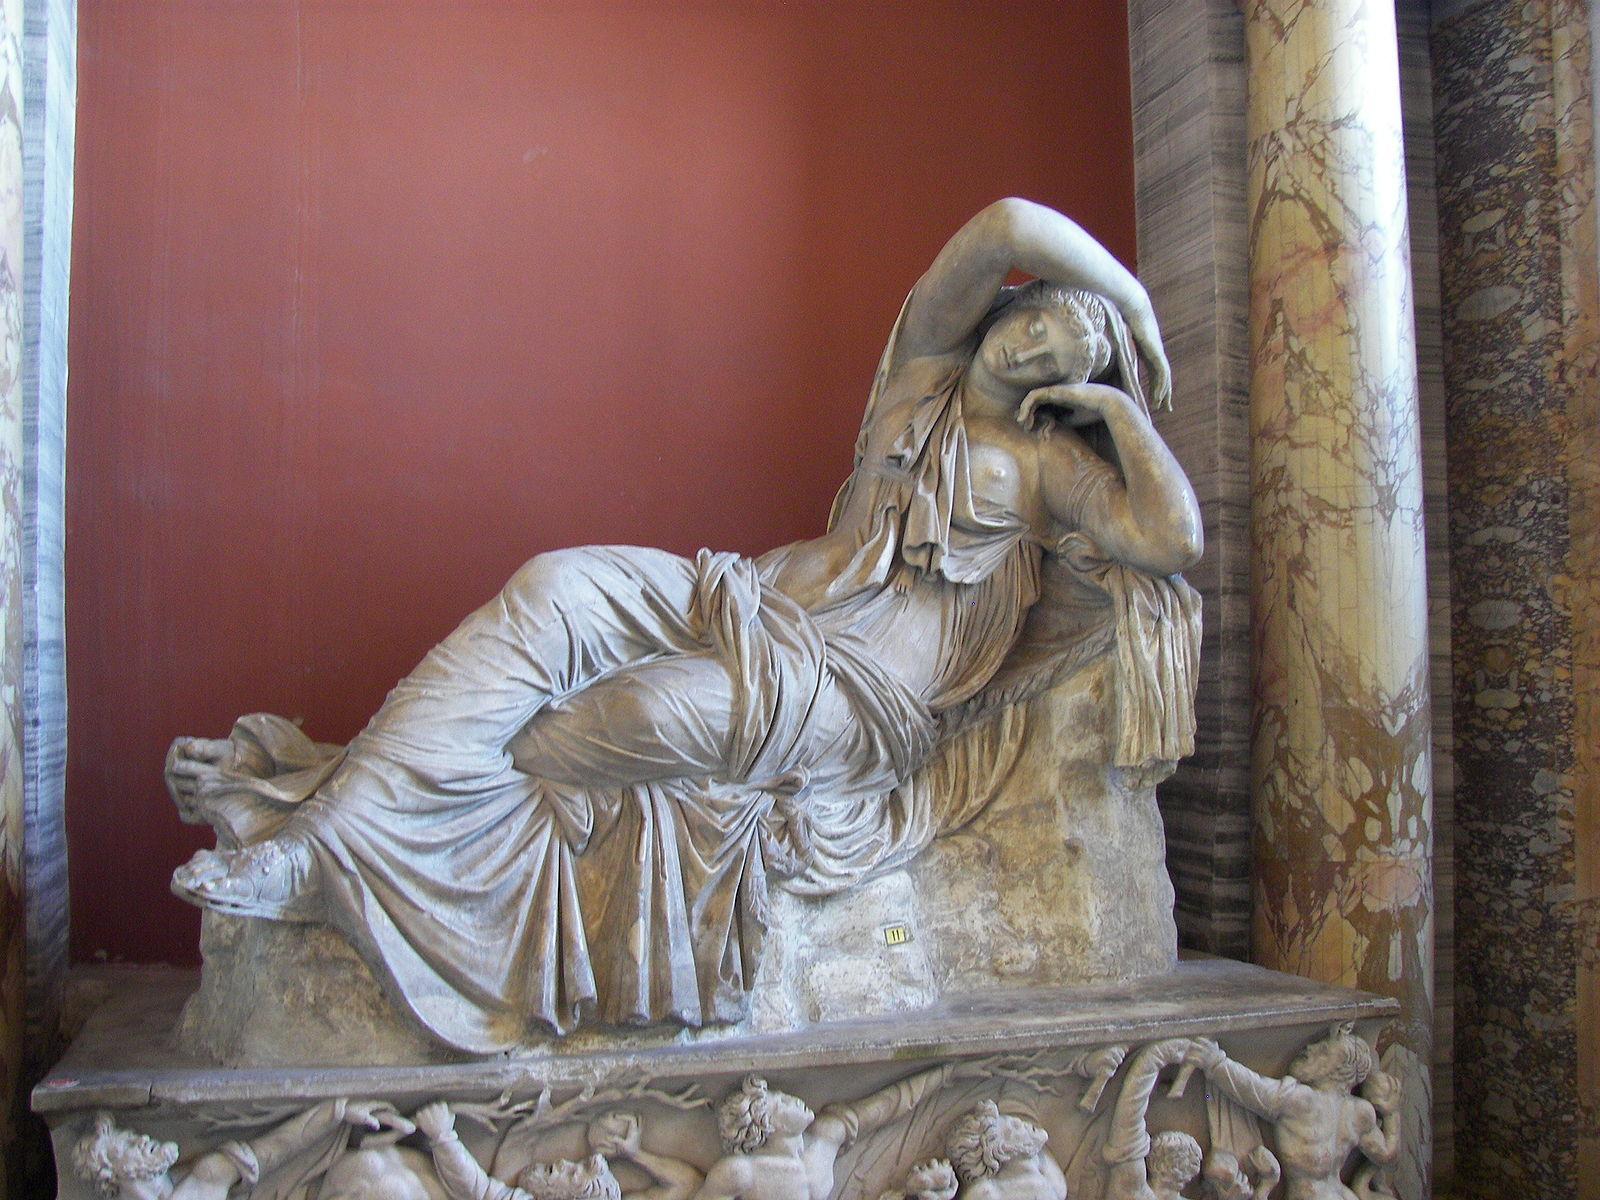 La Cléopâtre du Vatican / Ariane endormie, Musées du Vatican (photographie : Wknight94)